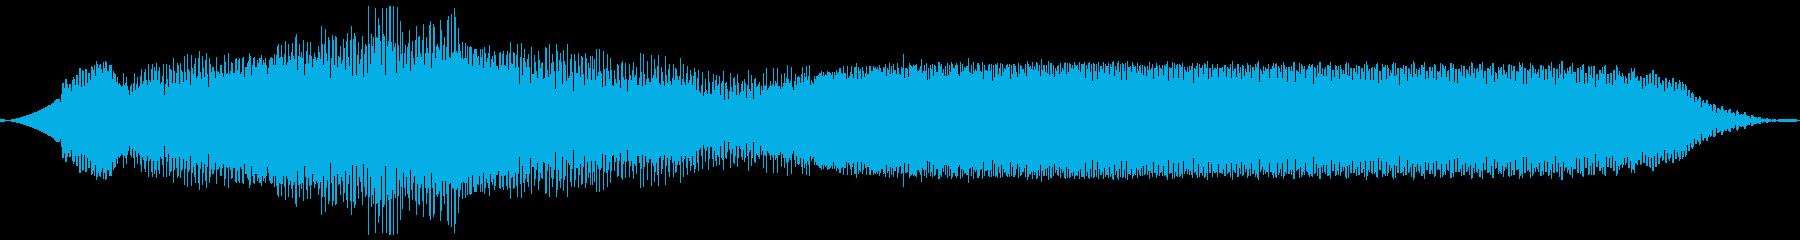 レーザーヒューシュウェインエレクトロbの再生済みの波形